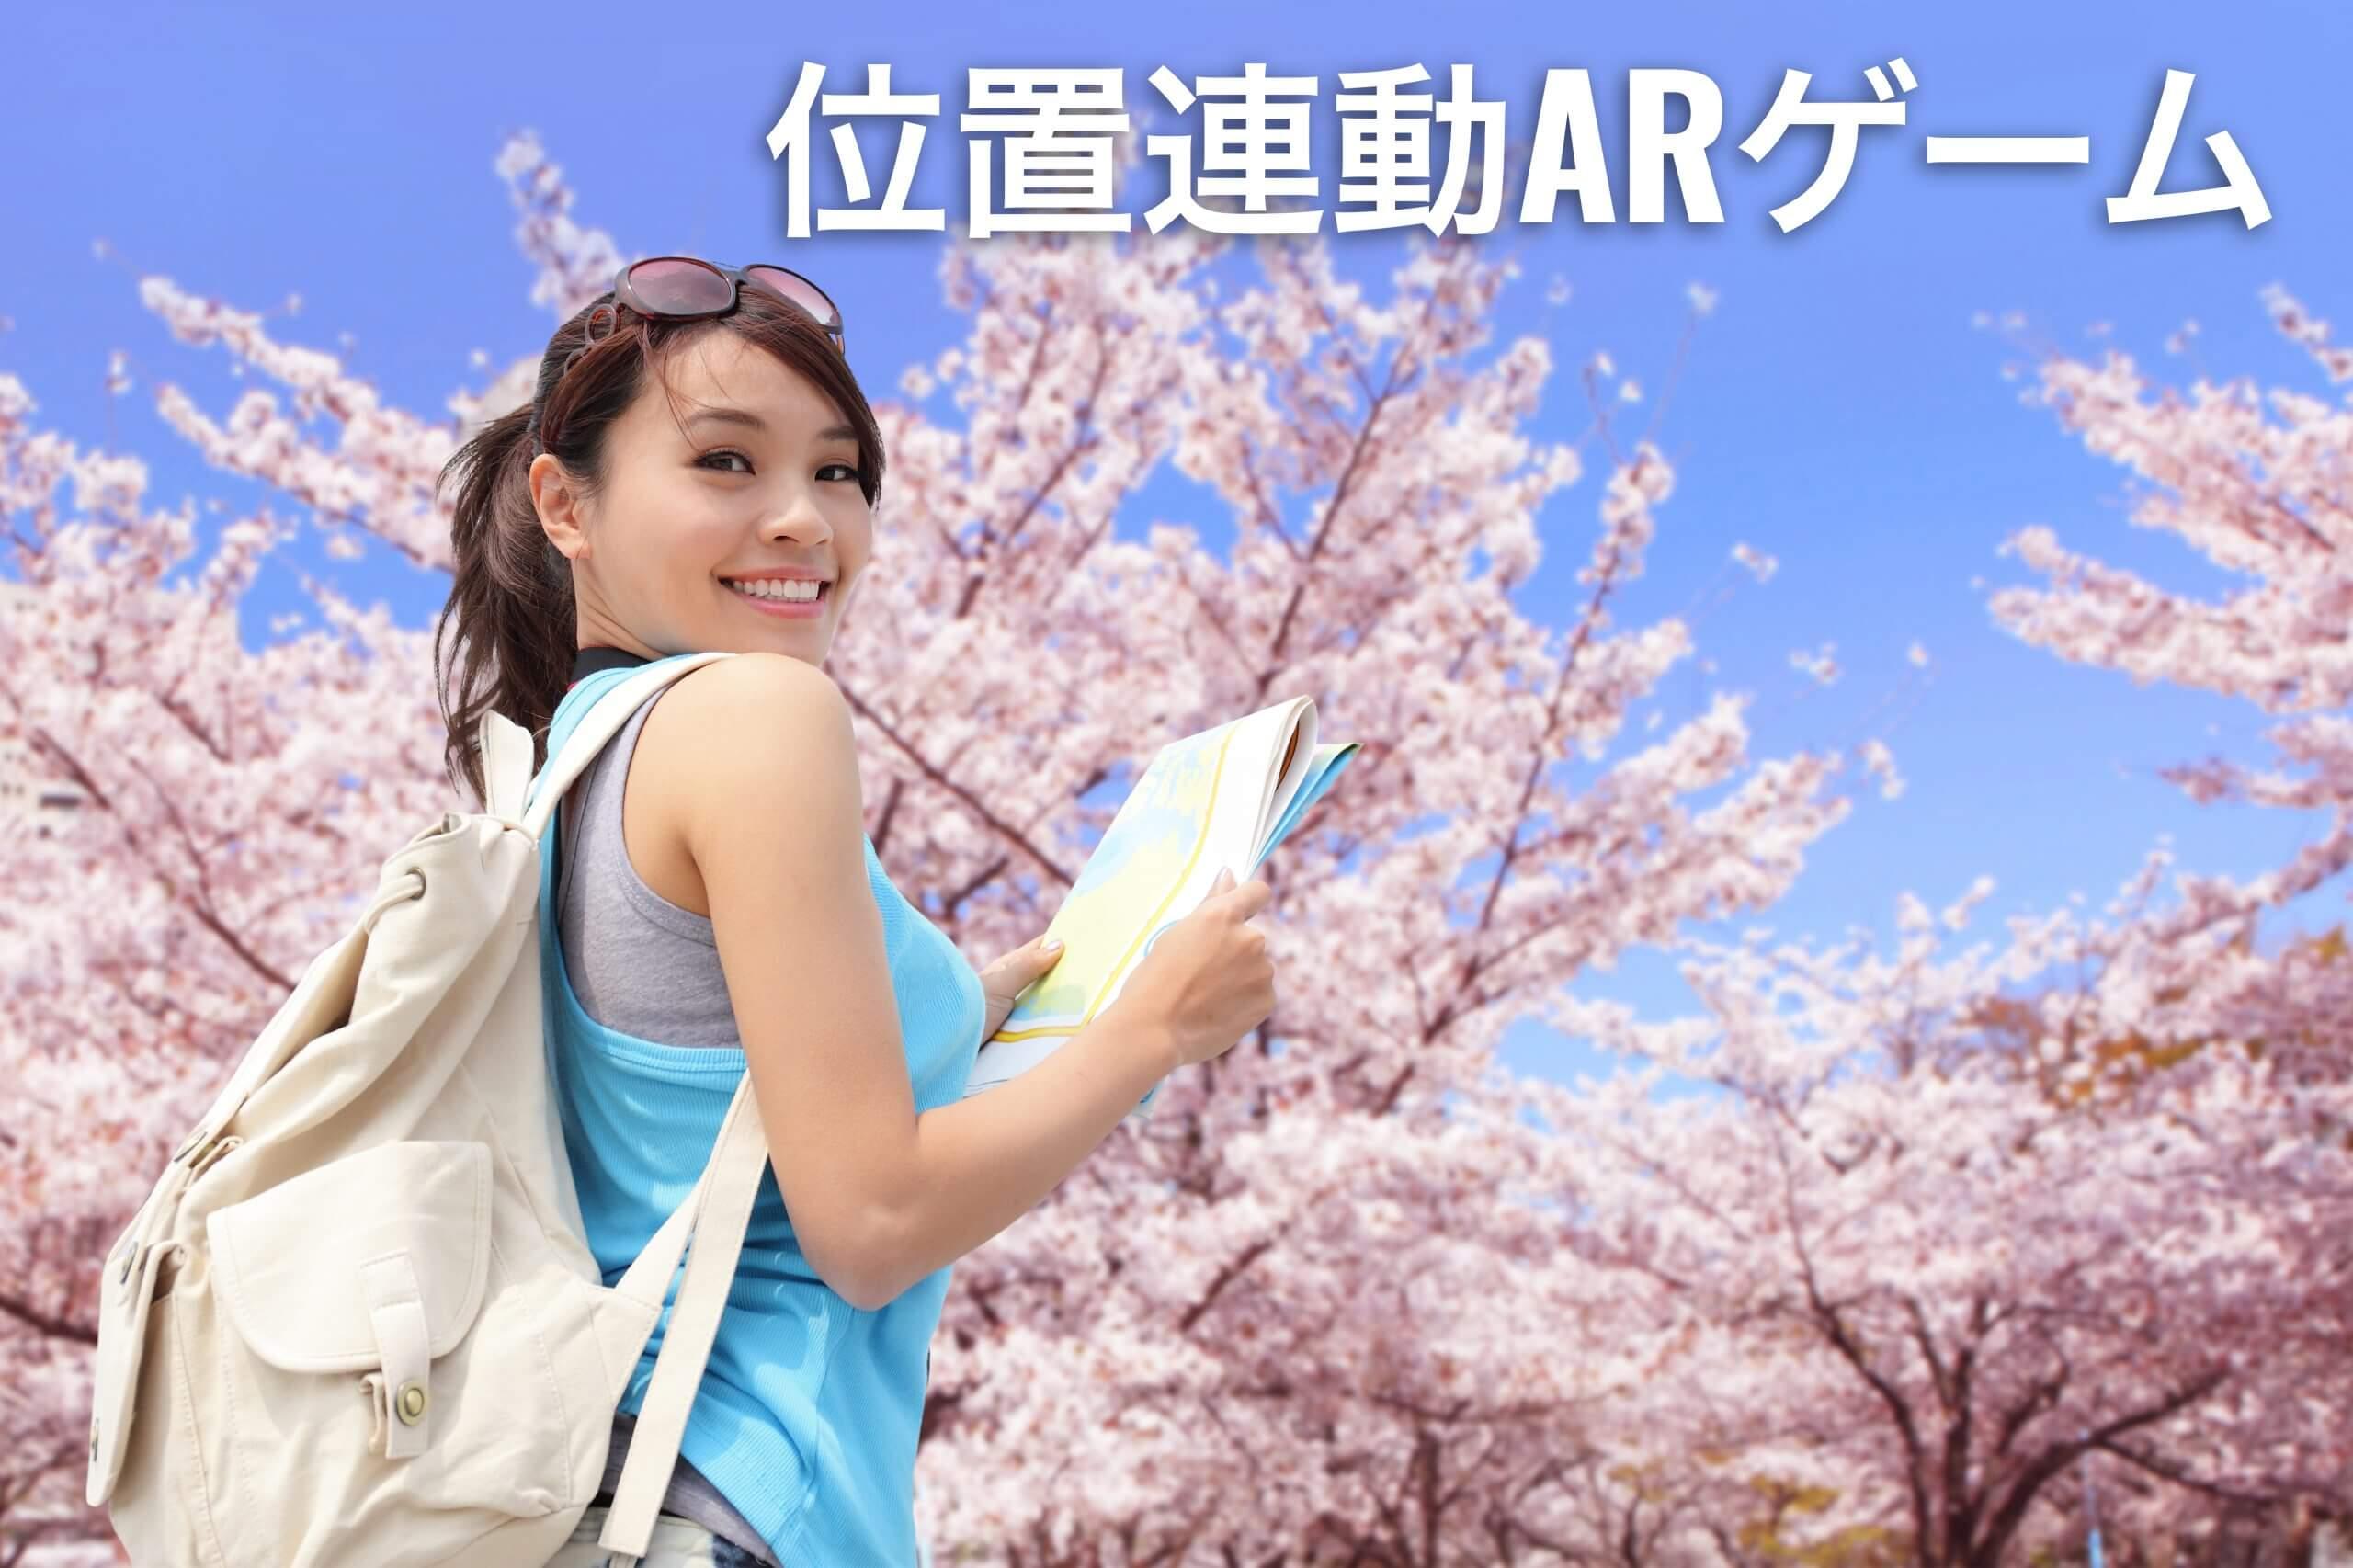 位置情報とAR(拡張現実)を利用したイベント向けのスマホカードゲームアプリ開発